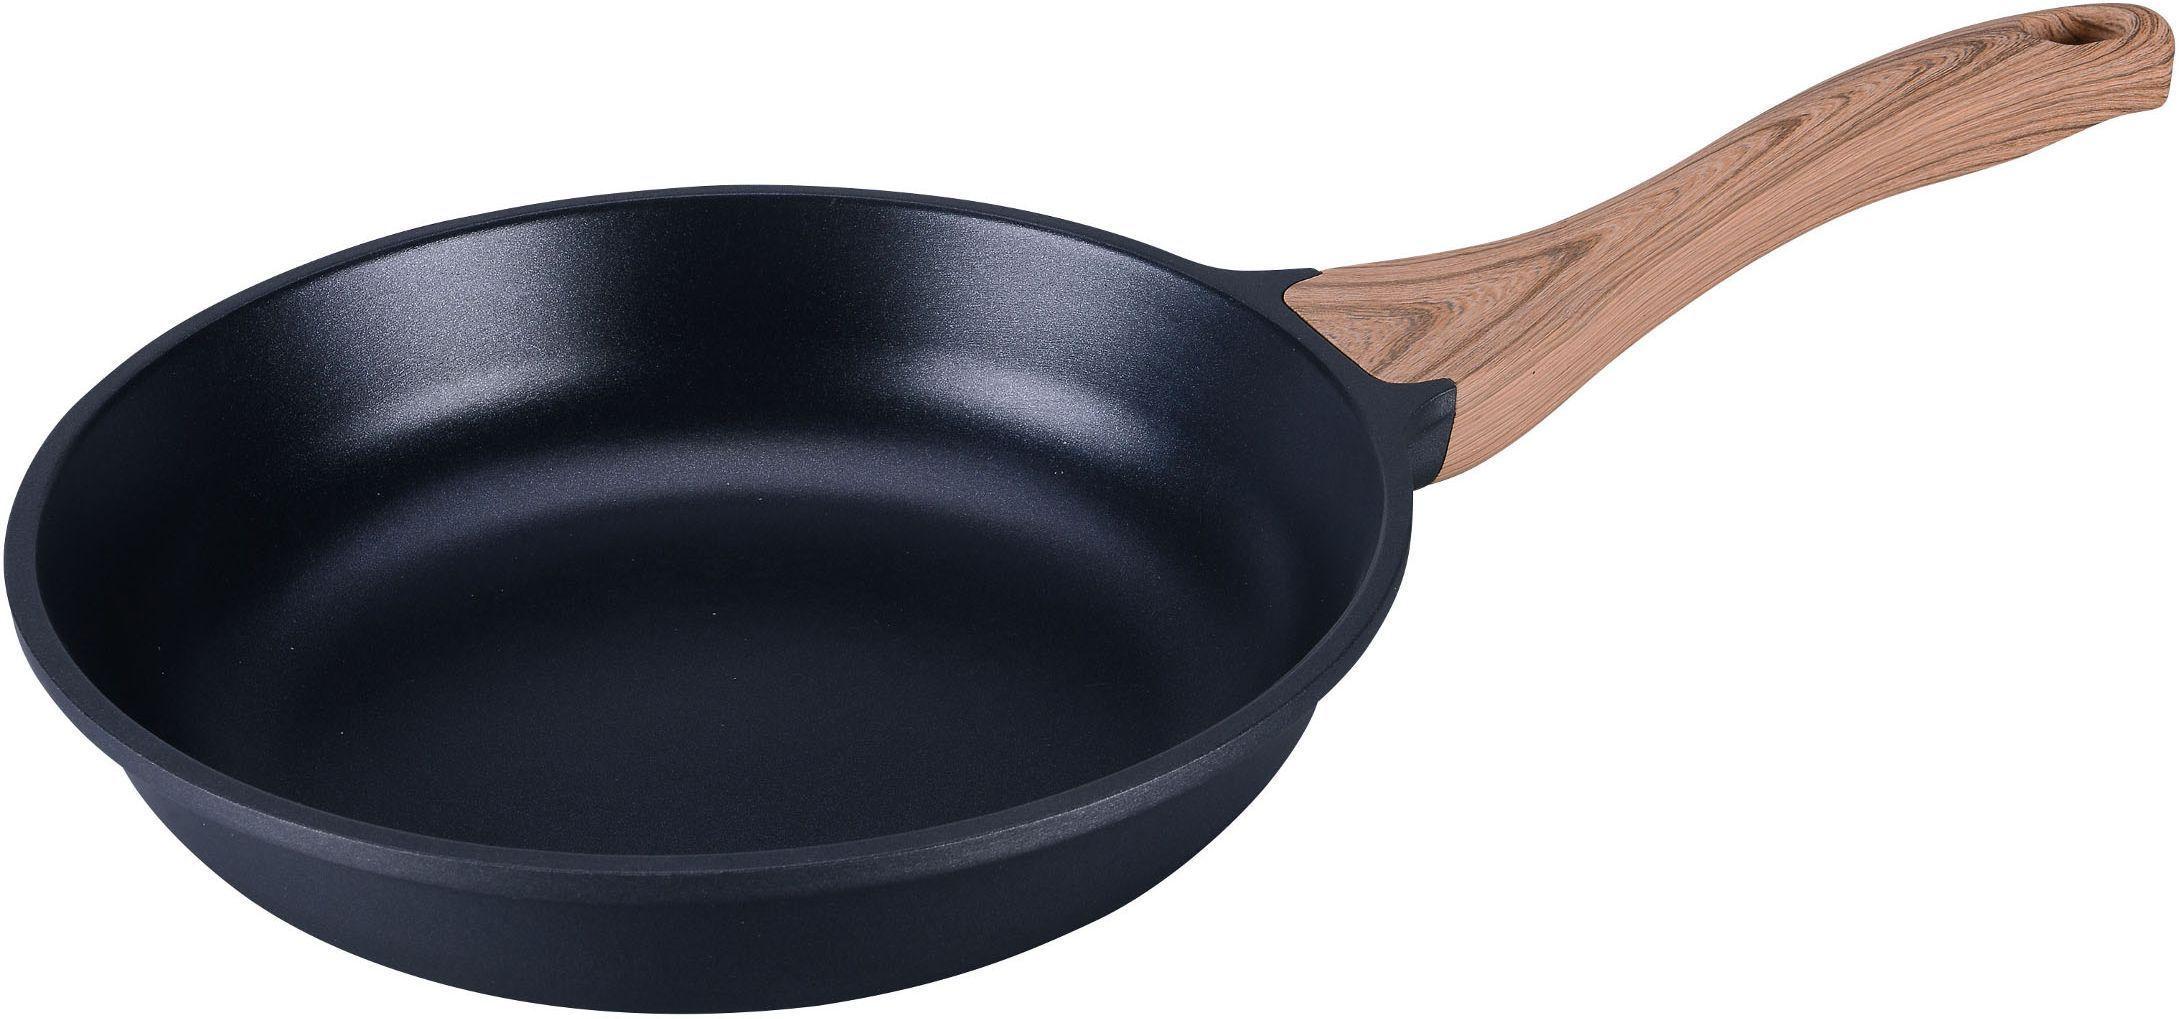 Сковорода SSW, с деревянной ручкой, 28 х 6 см. 316528316528Сковорода SSW изготовлена из высококачественного алюминия с внутренним антипригарным покрытием. Покрытие не оставляет послевкусия, делает возможным приготовление блюд без масла, сохраняет витамины и питательные вещества. Удобная деревянная ручка не нагревается во время приготовления пищи. Сковорода пригодна для использования на всех типах плит, в том числе индукционных. Подходит для чистки в посудомоечной машине. При мытье не использовать абразивные моющие изделия и средства.